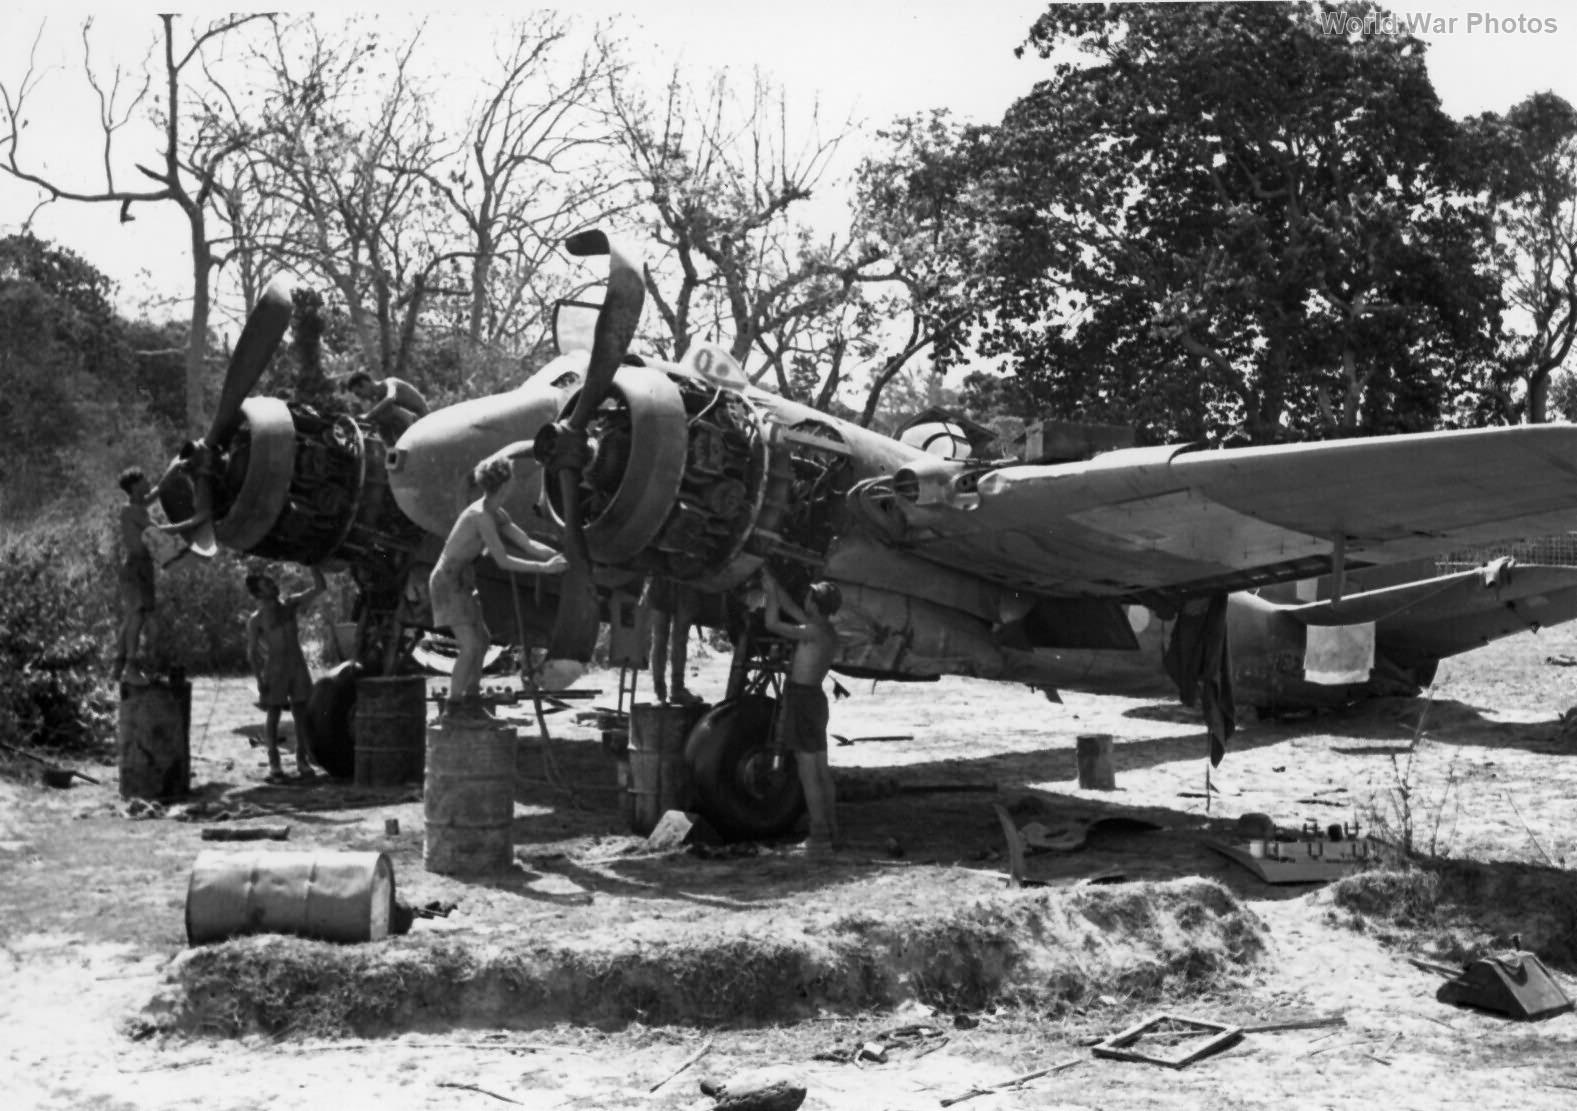 Bristol Beaufighter VIF at Nidania